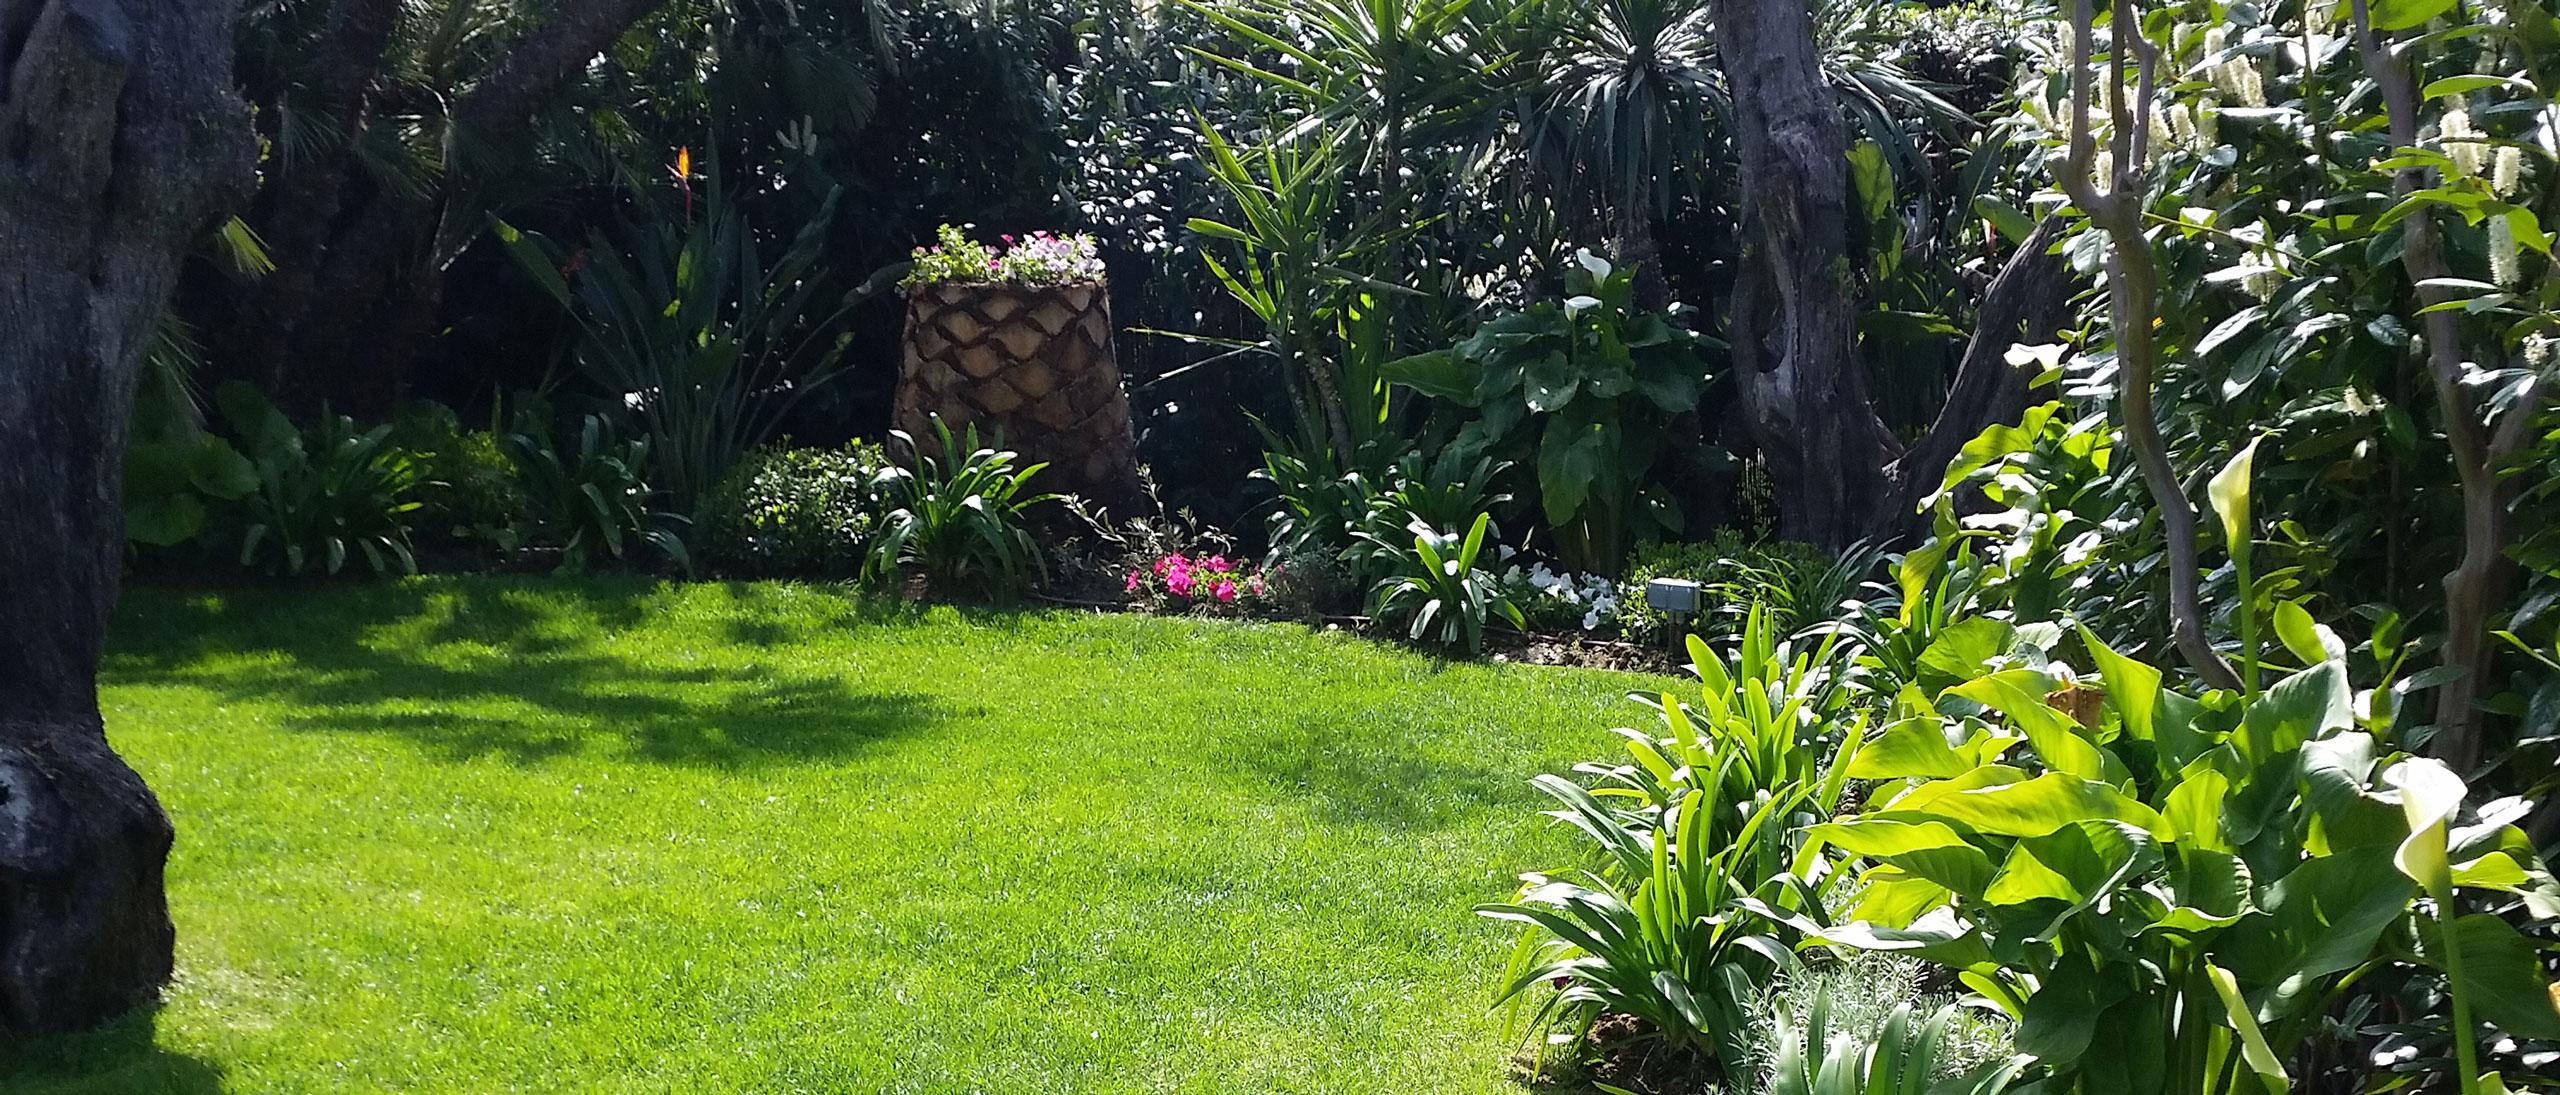 Ab jardin sp cialiste de la cr ation entretien de for Jardin creation entretien